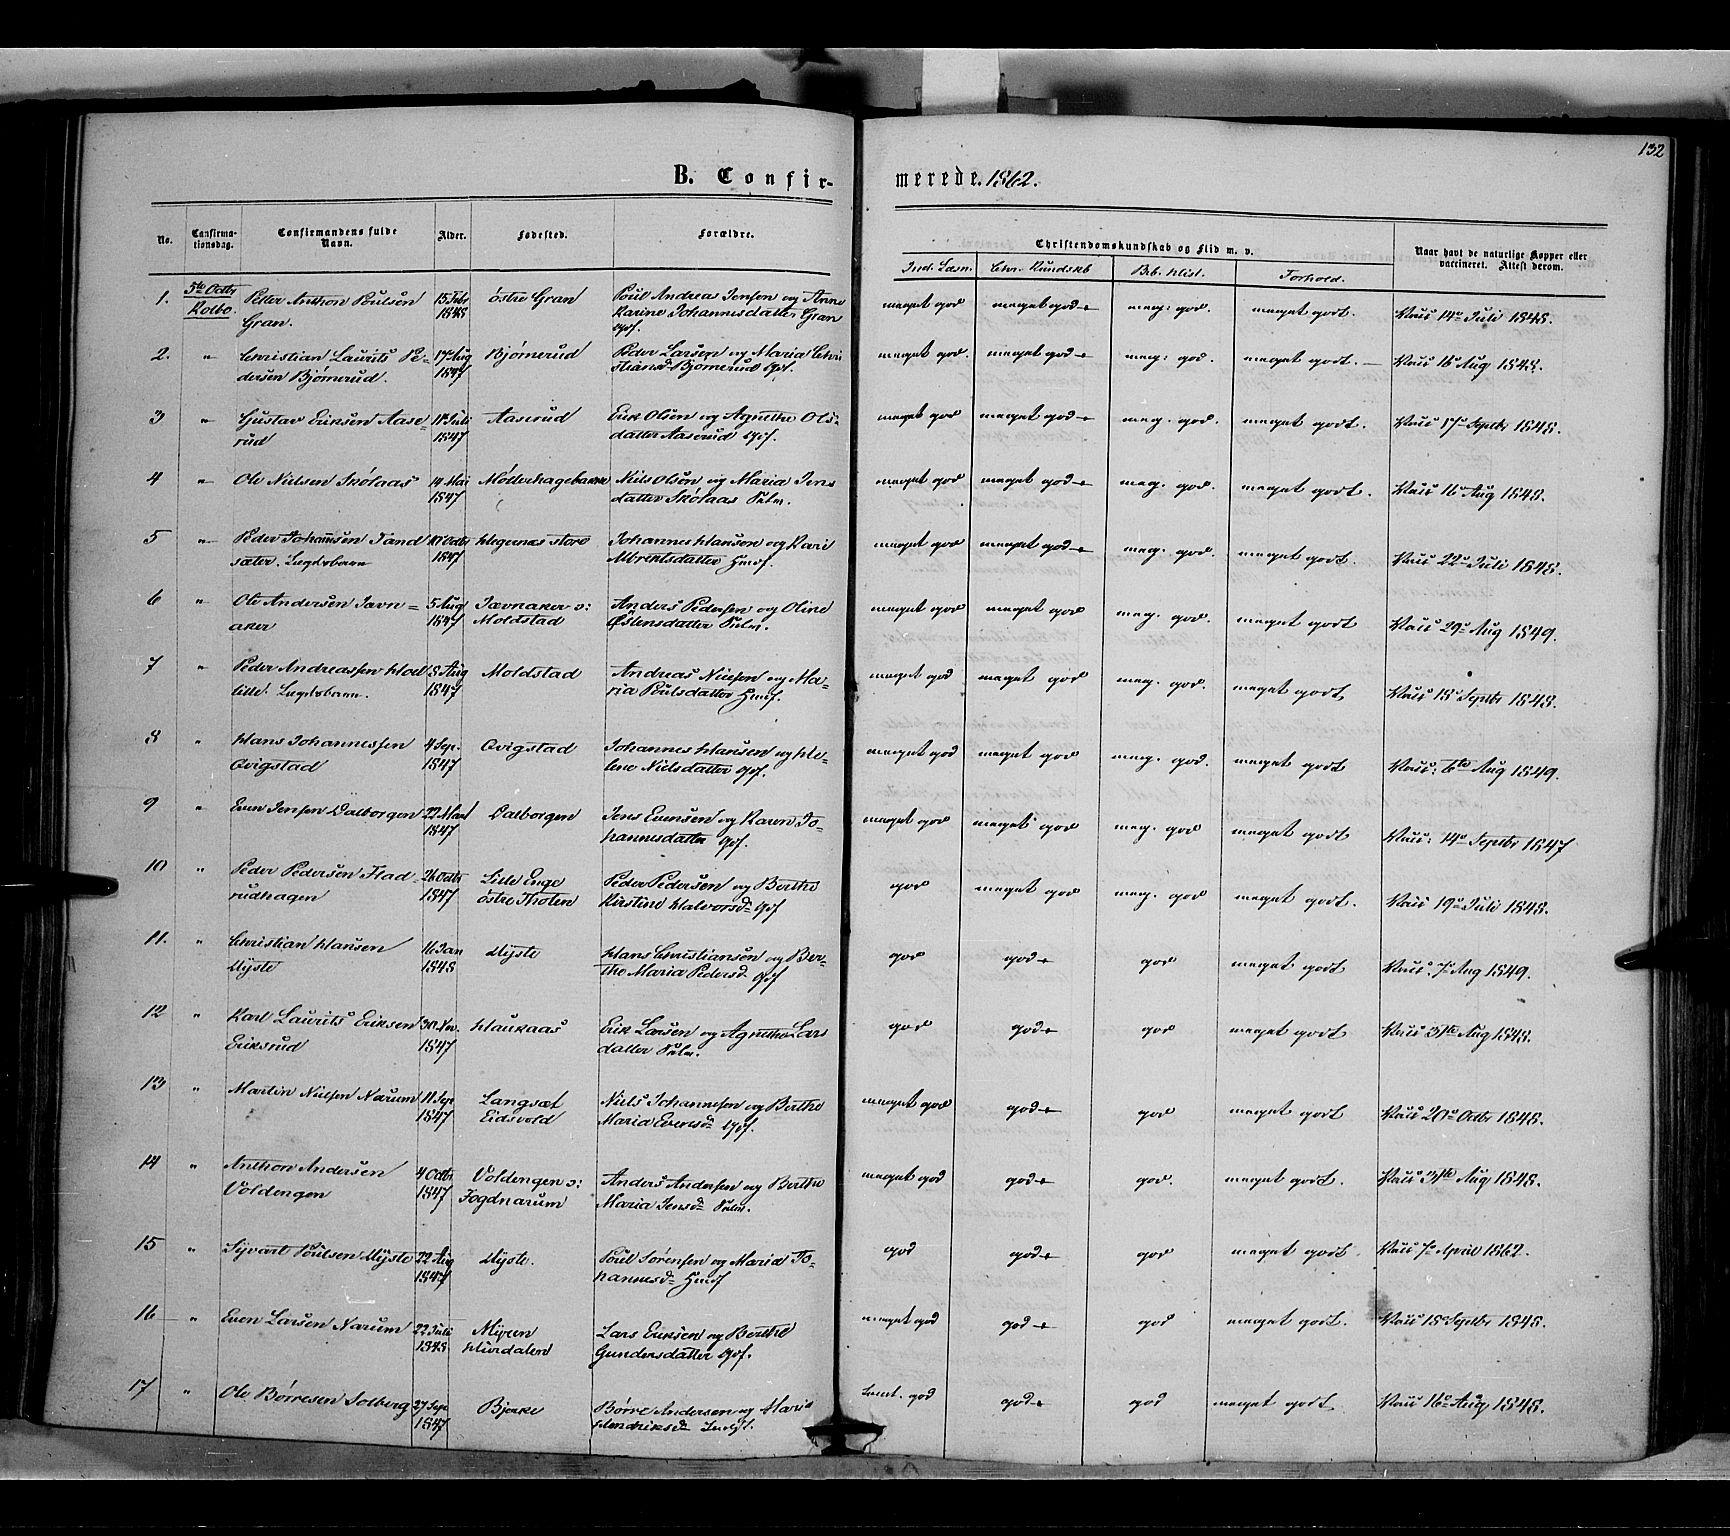 SAH, Vestre Toten prestekontor, Ministerialbok nr. 7, 1862-1869, s. 132